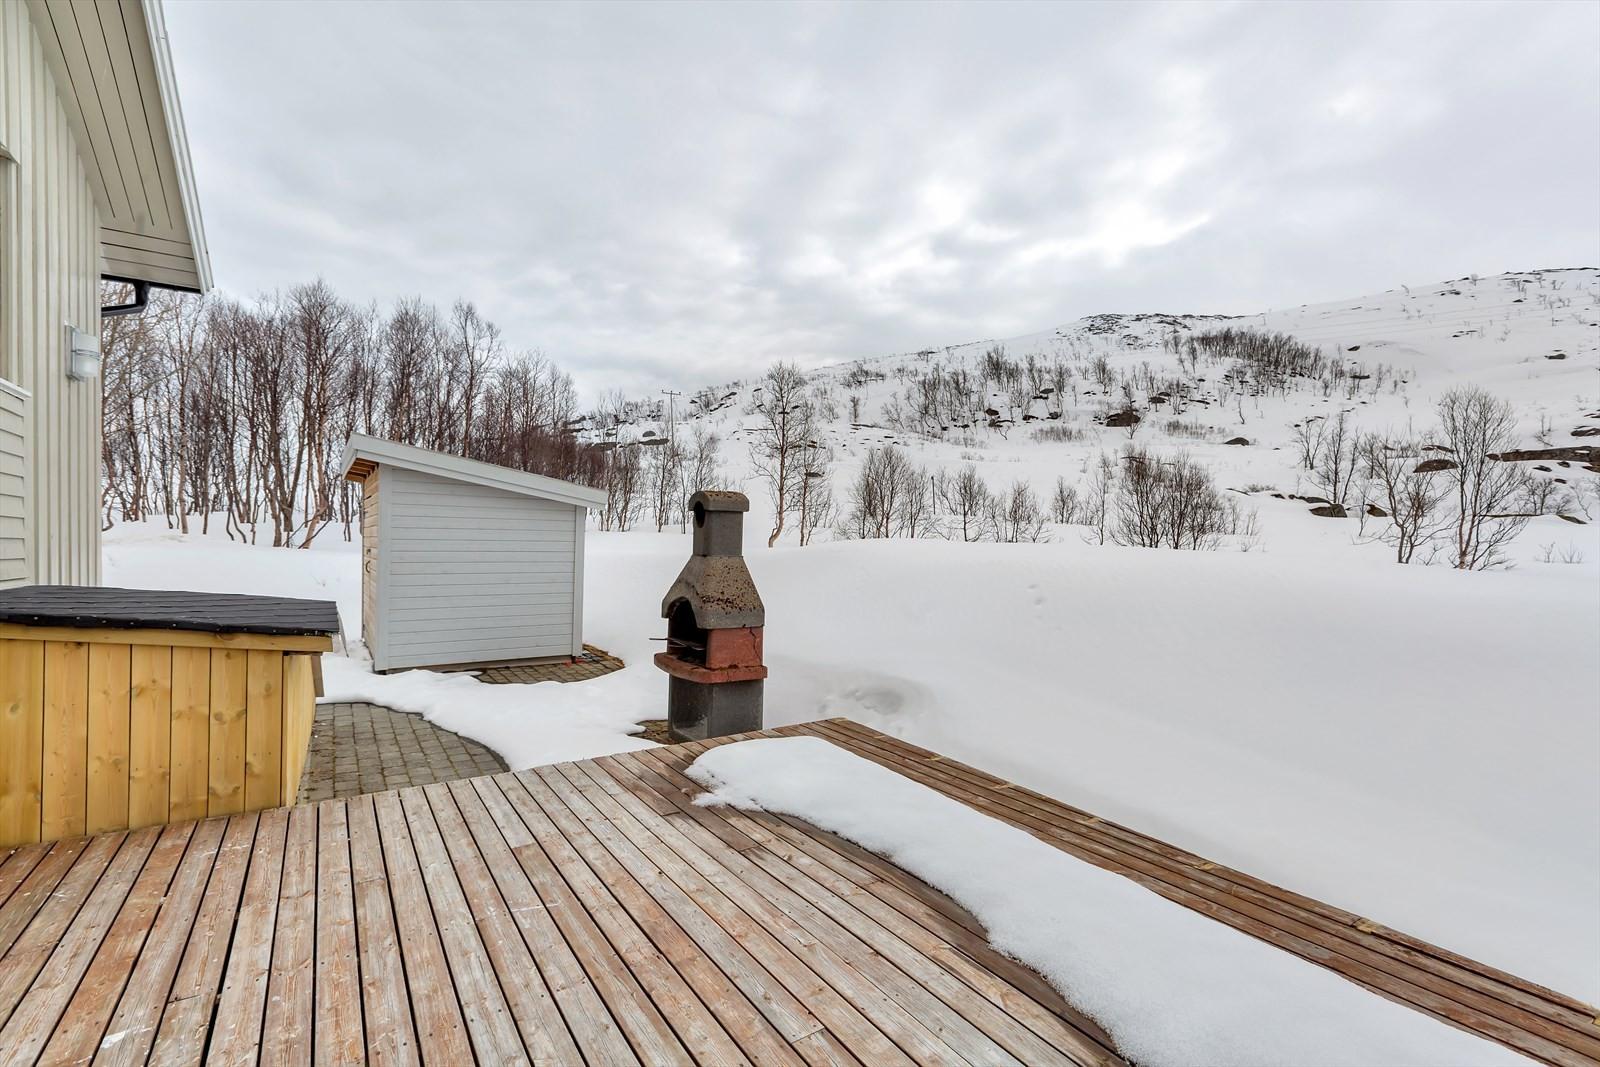 Fra eiendommen kan man ta seg en kjapp treningstur opp til toppen av Nattmålsfjellet